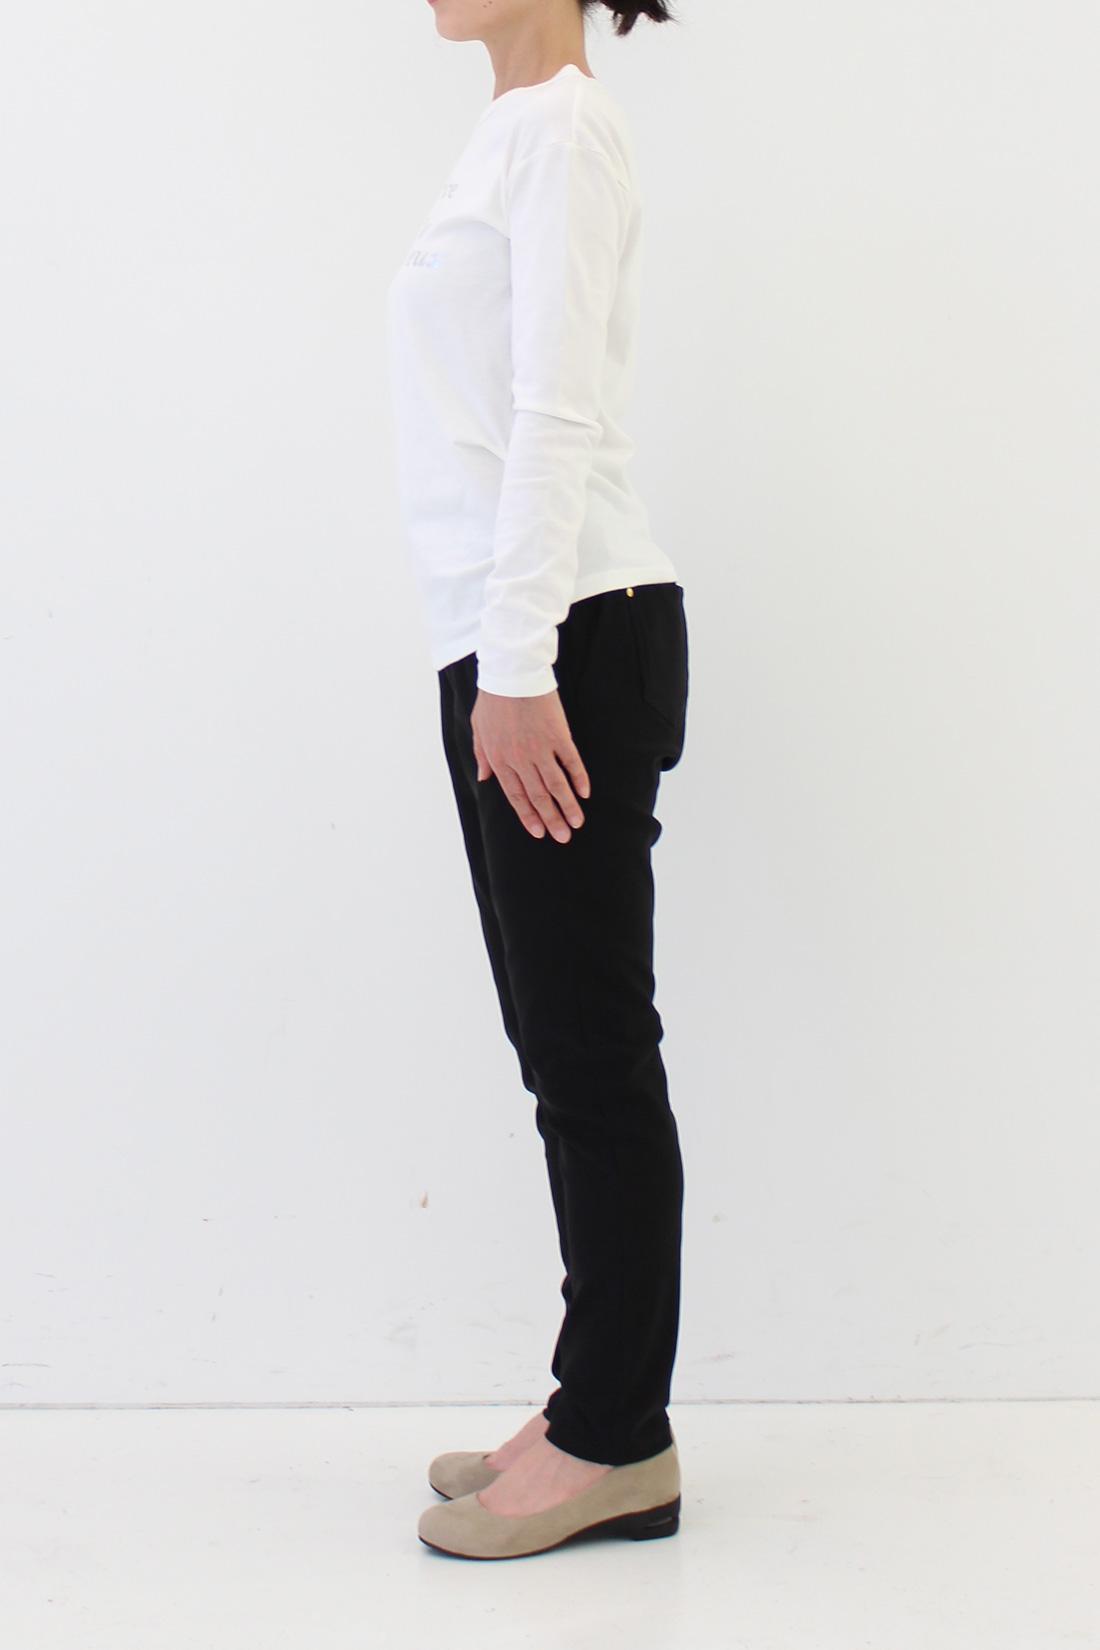 ★身長159cm・Mサイズ着用